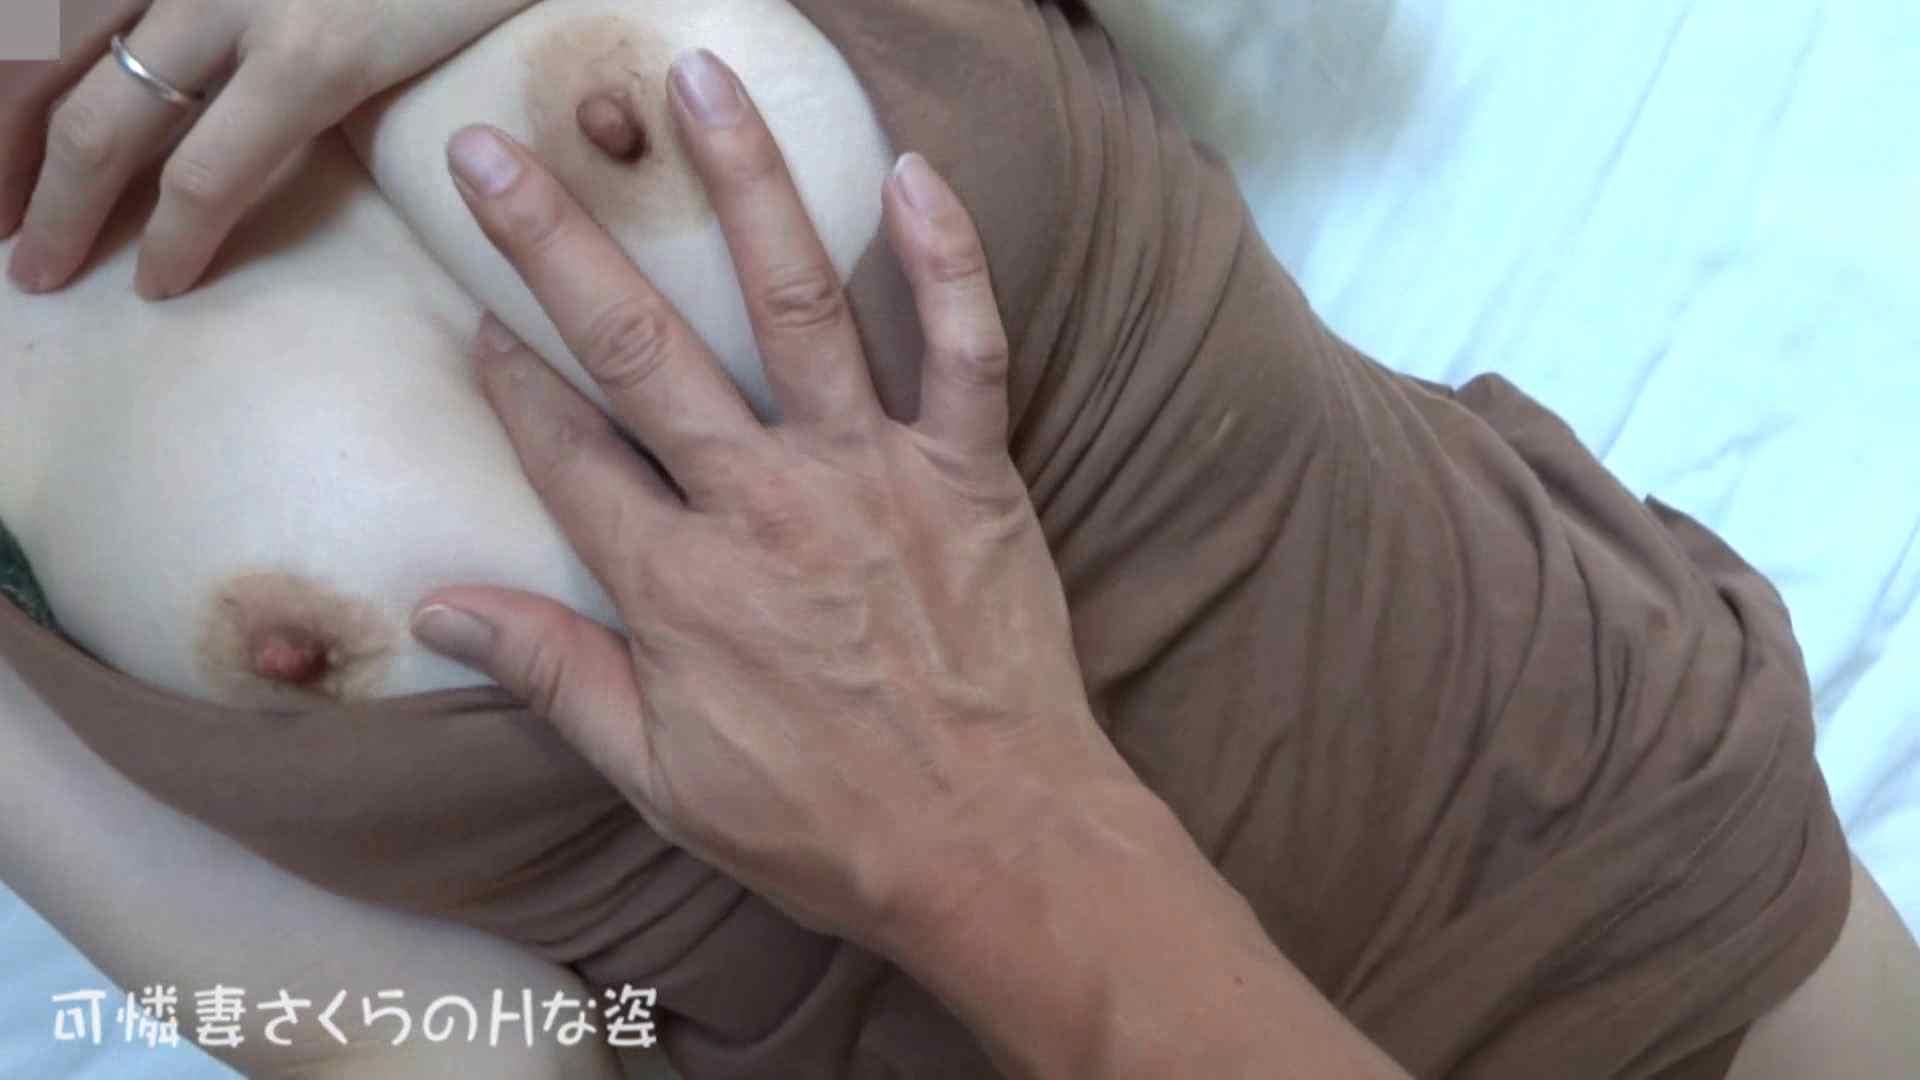 可憐妻さくらのHな姿vol.18 淫乱 セックス無修正動画無料 83pic 9